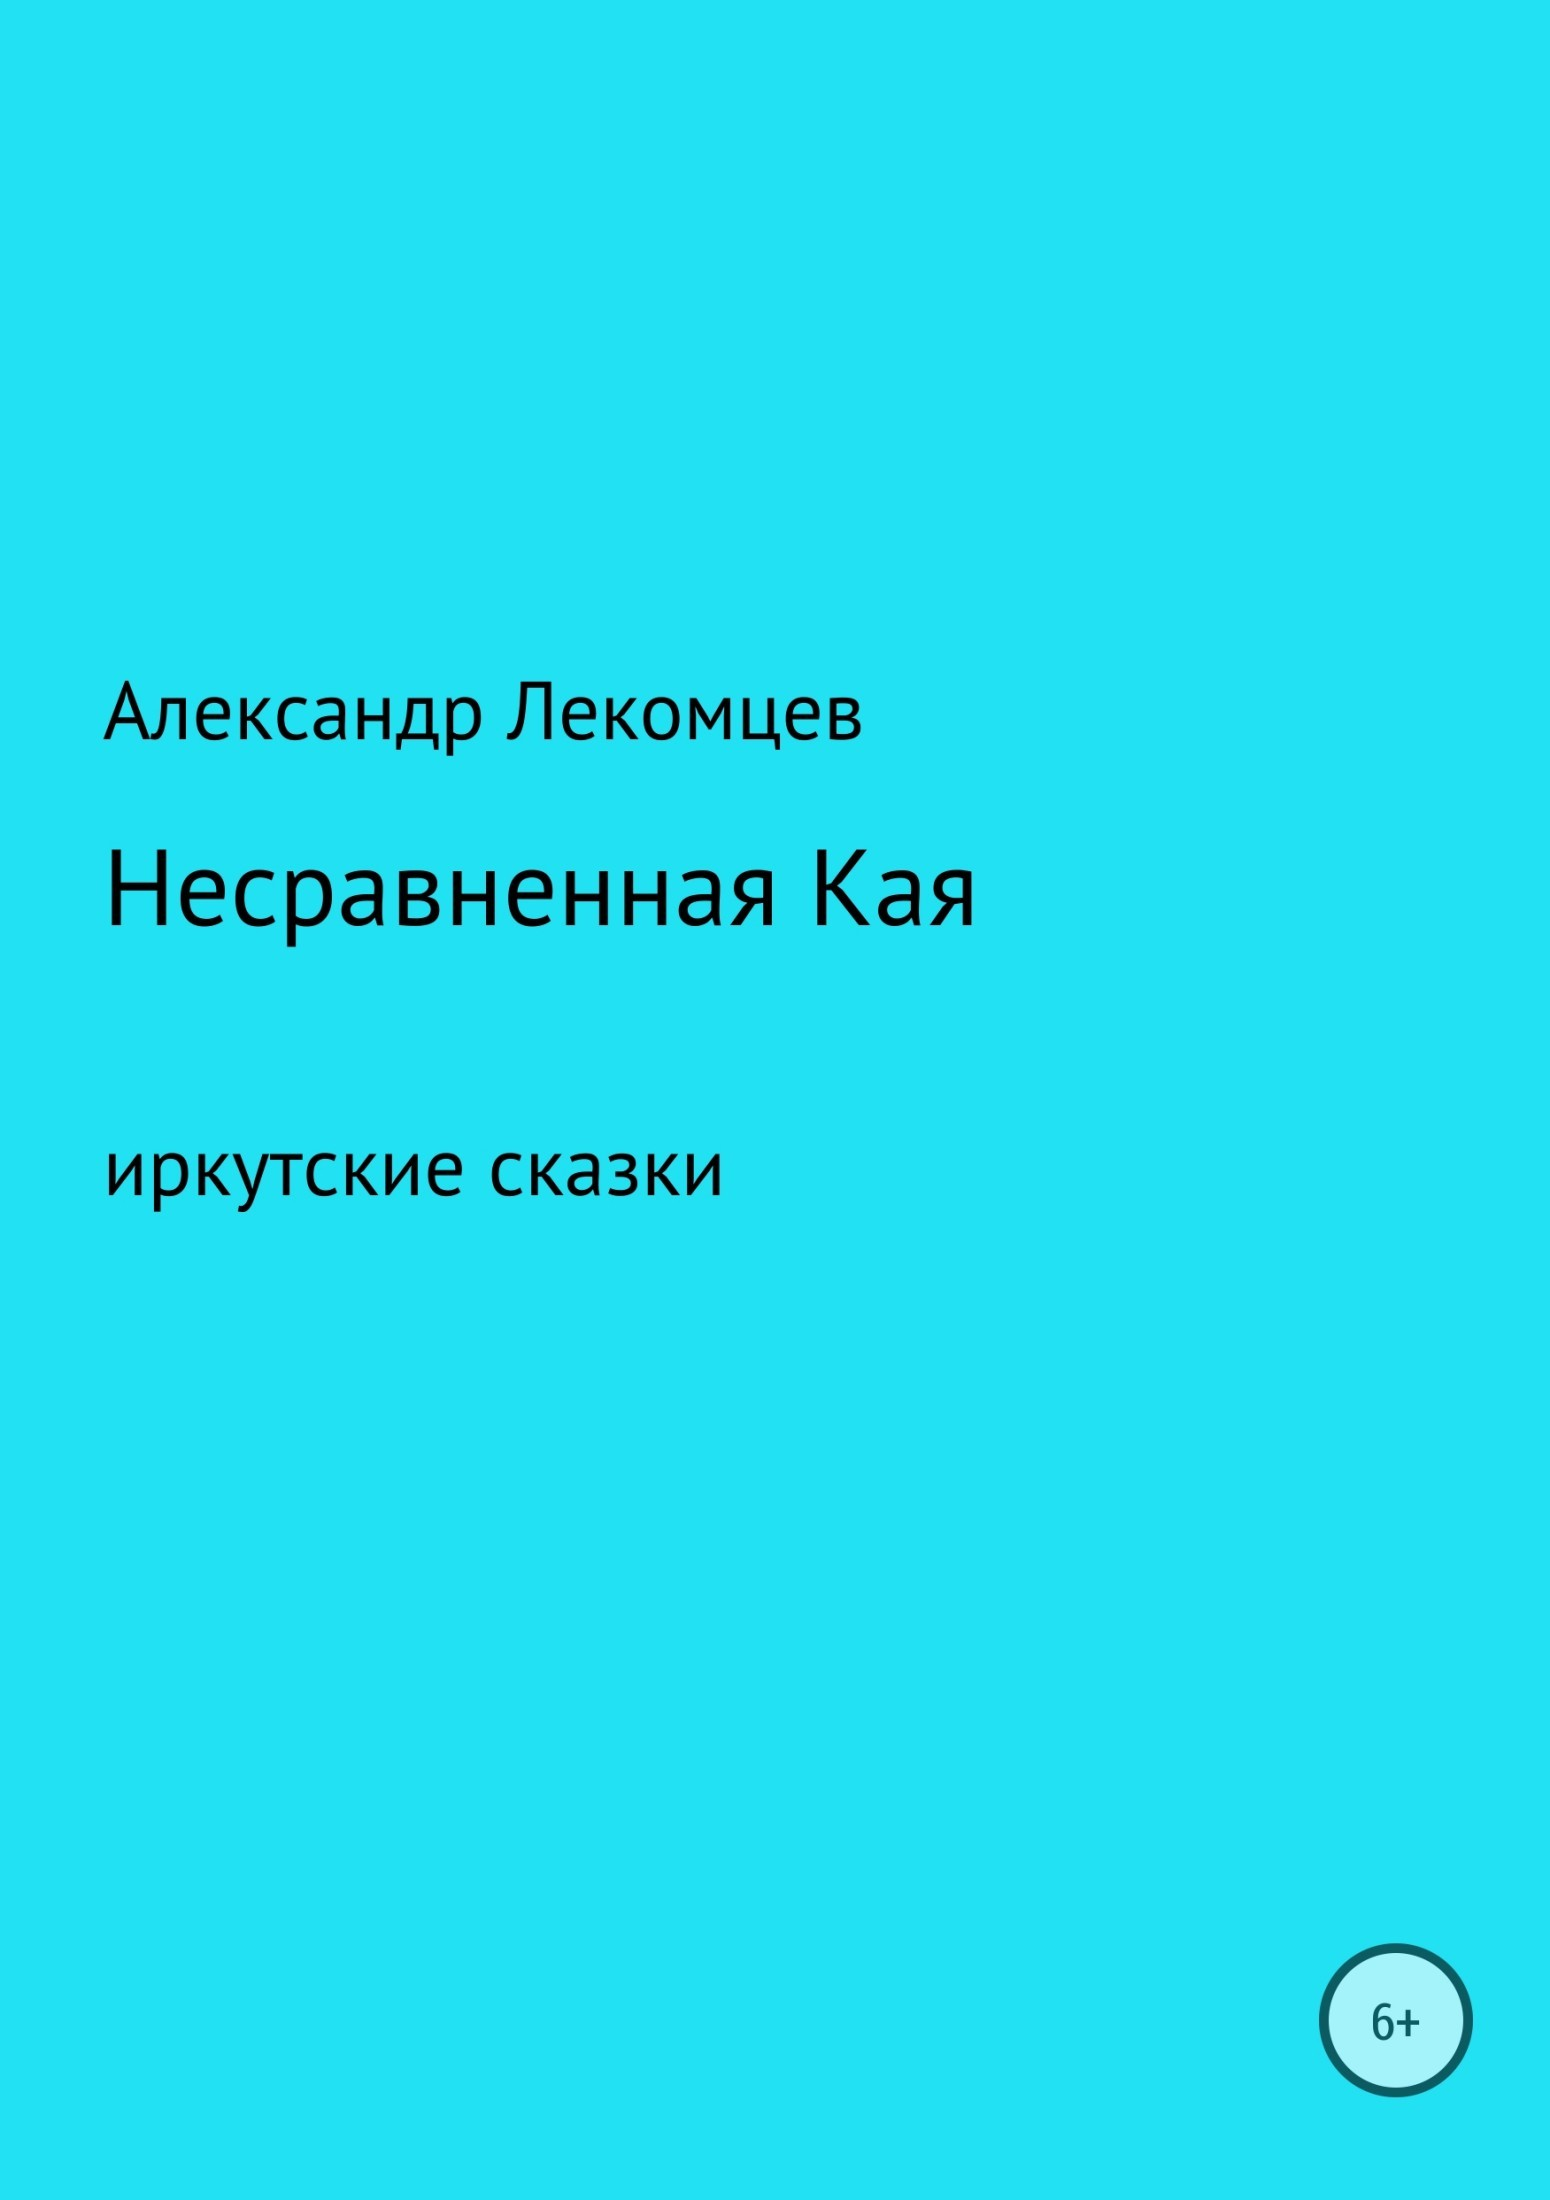 Александр Николаевич Лекомцев Несравненная Кая. Сборник алтей и ко волшебные слова